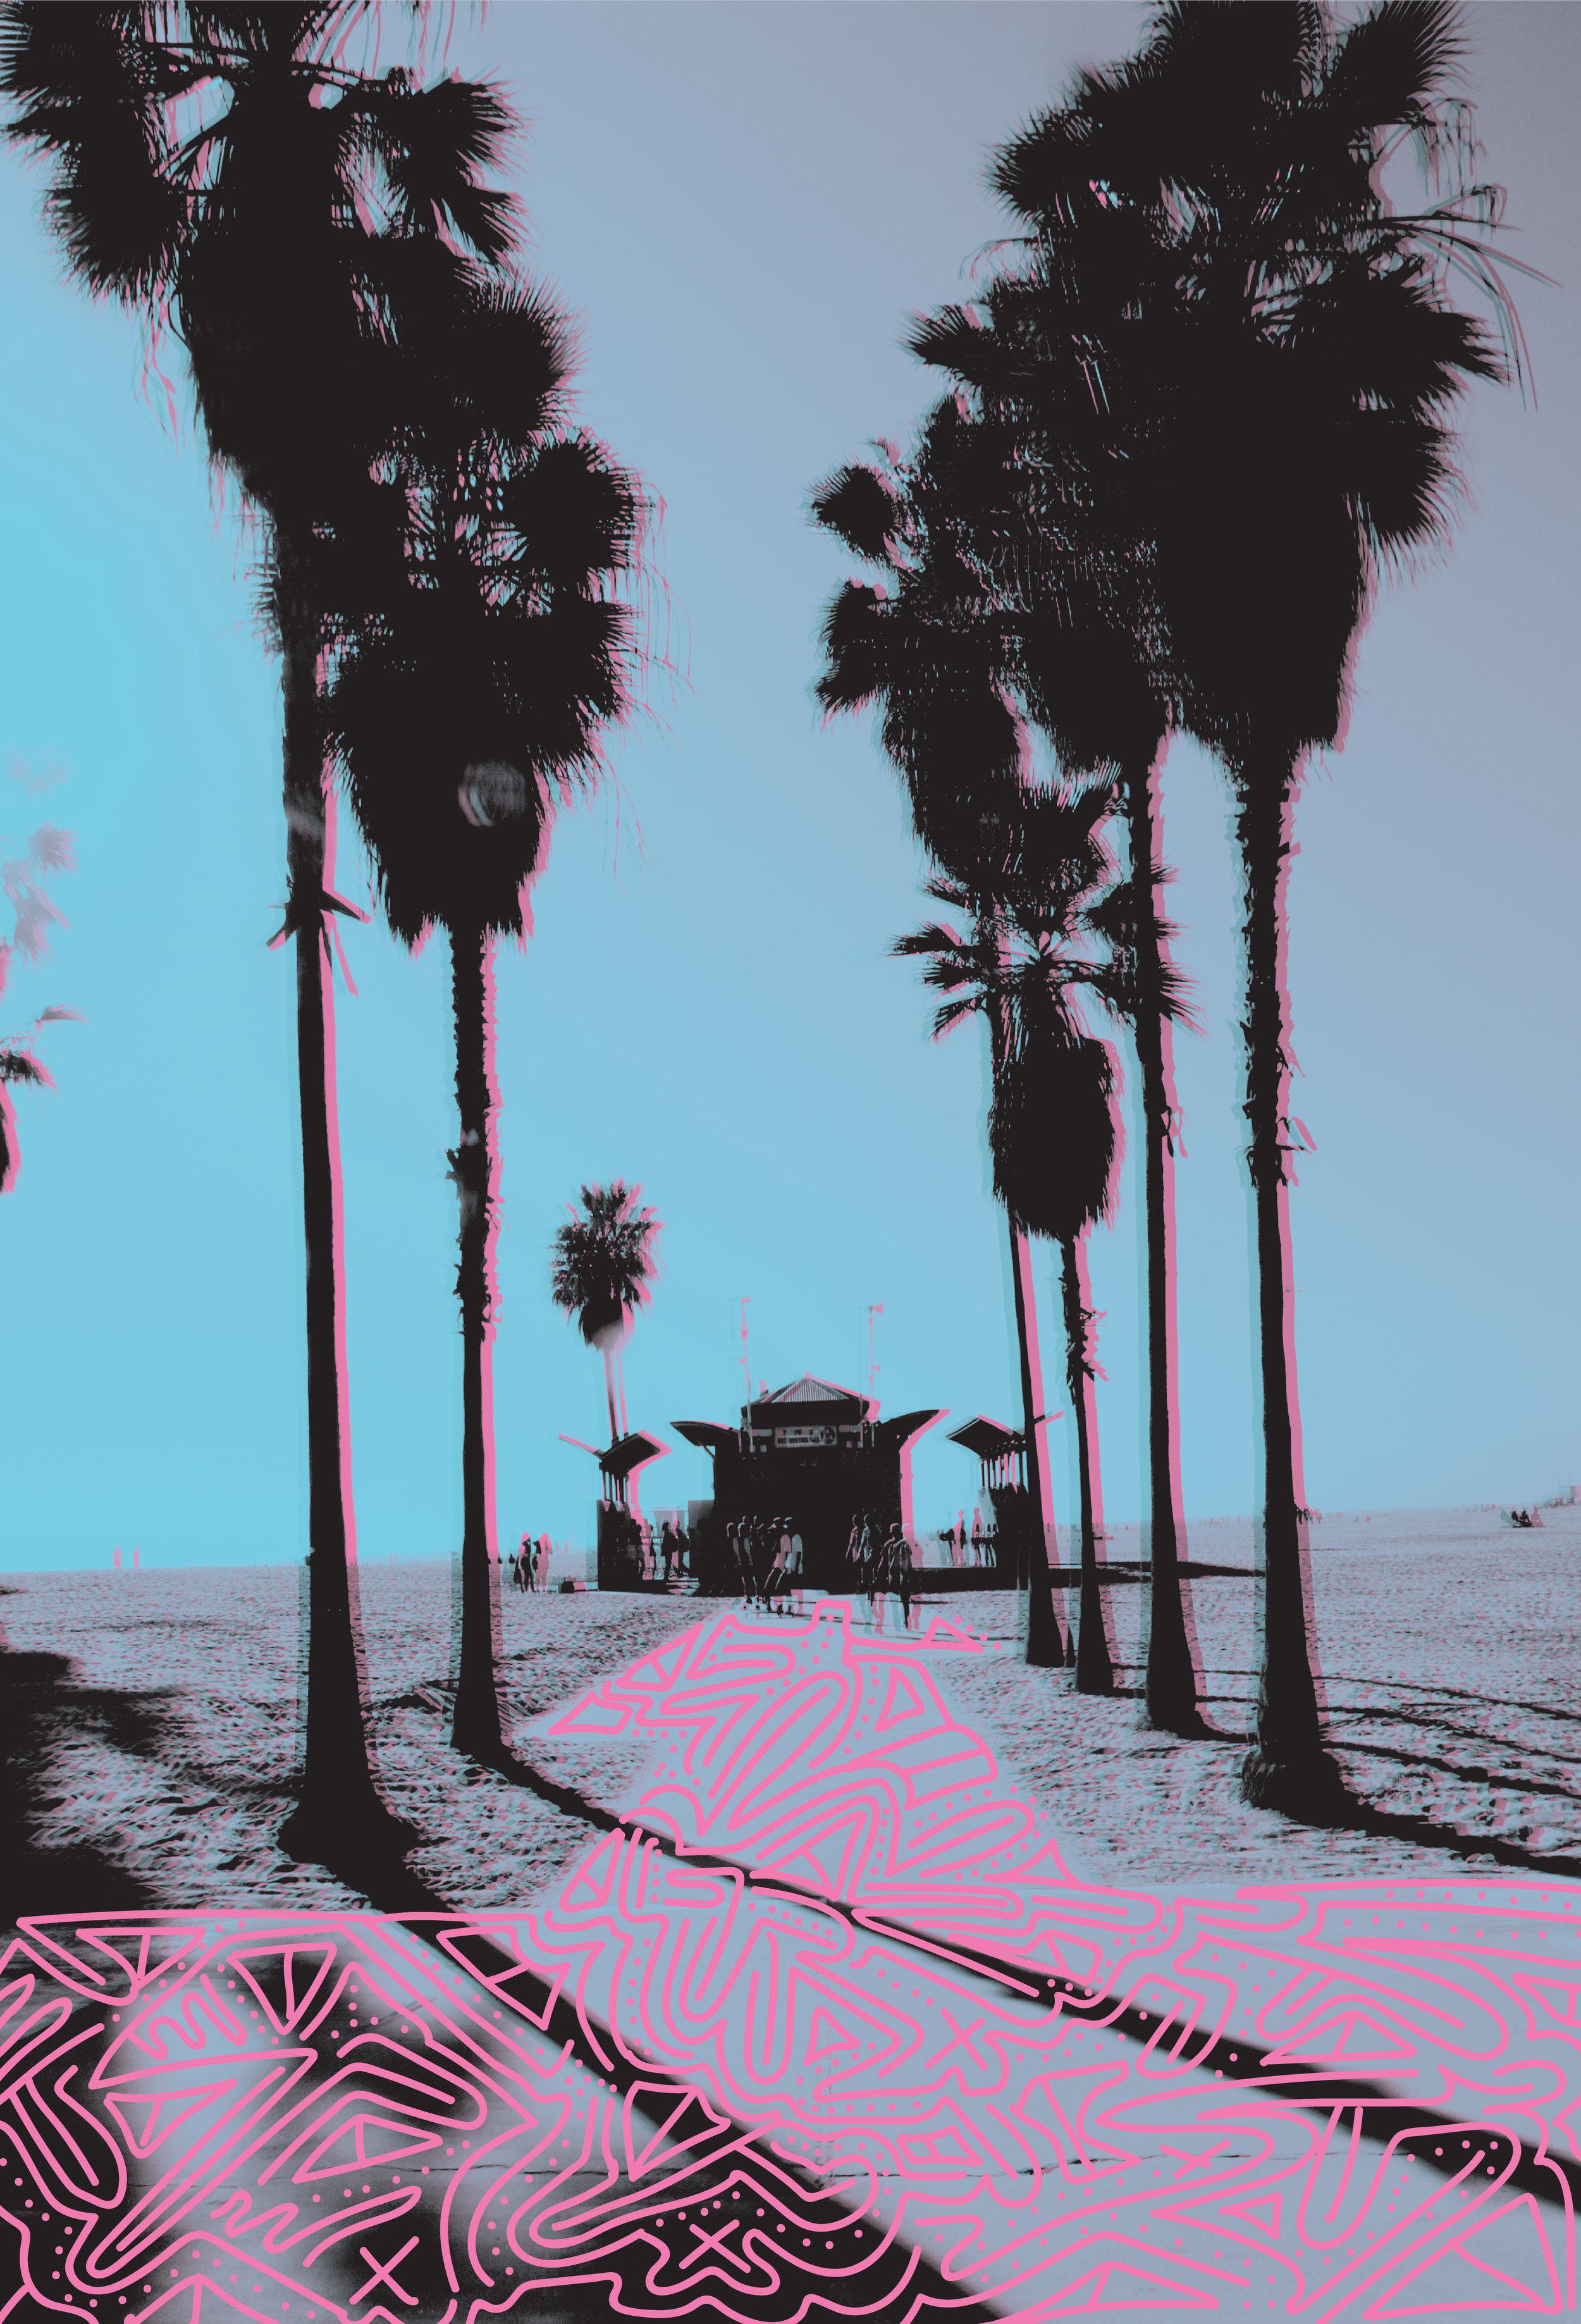 waves-01.jpg